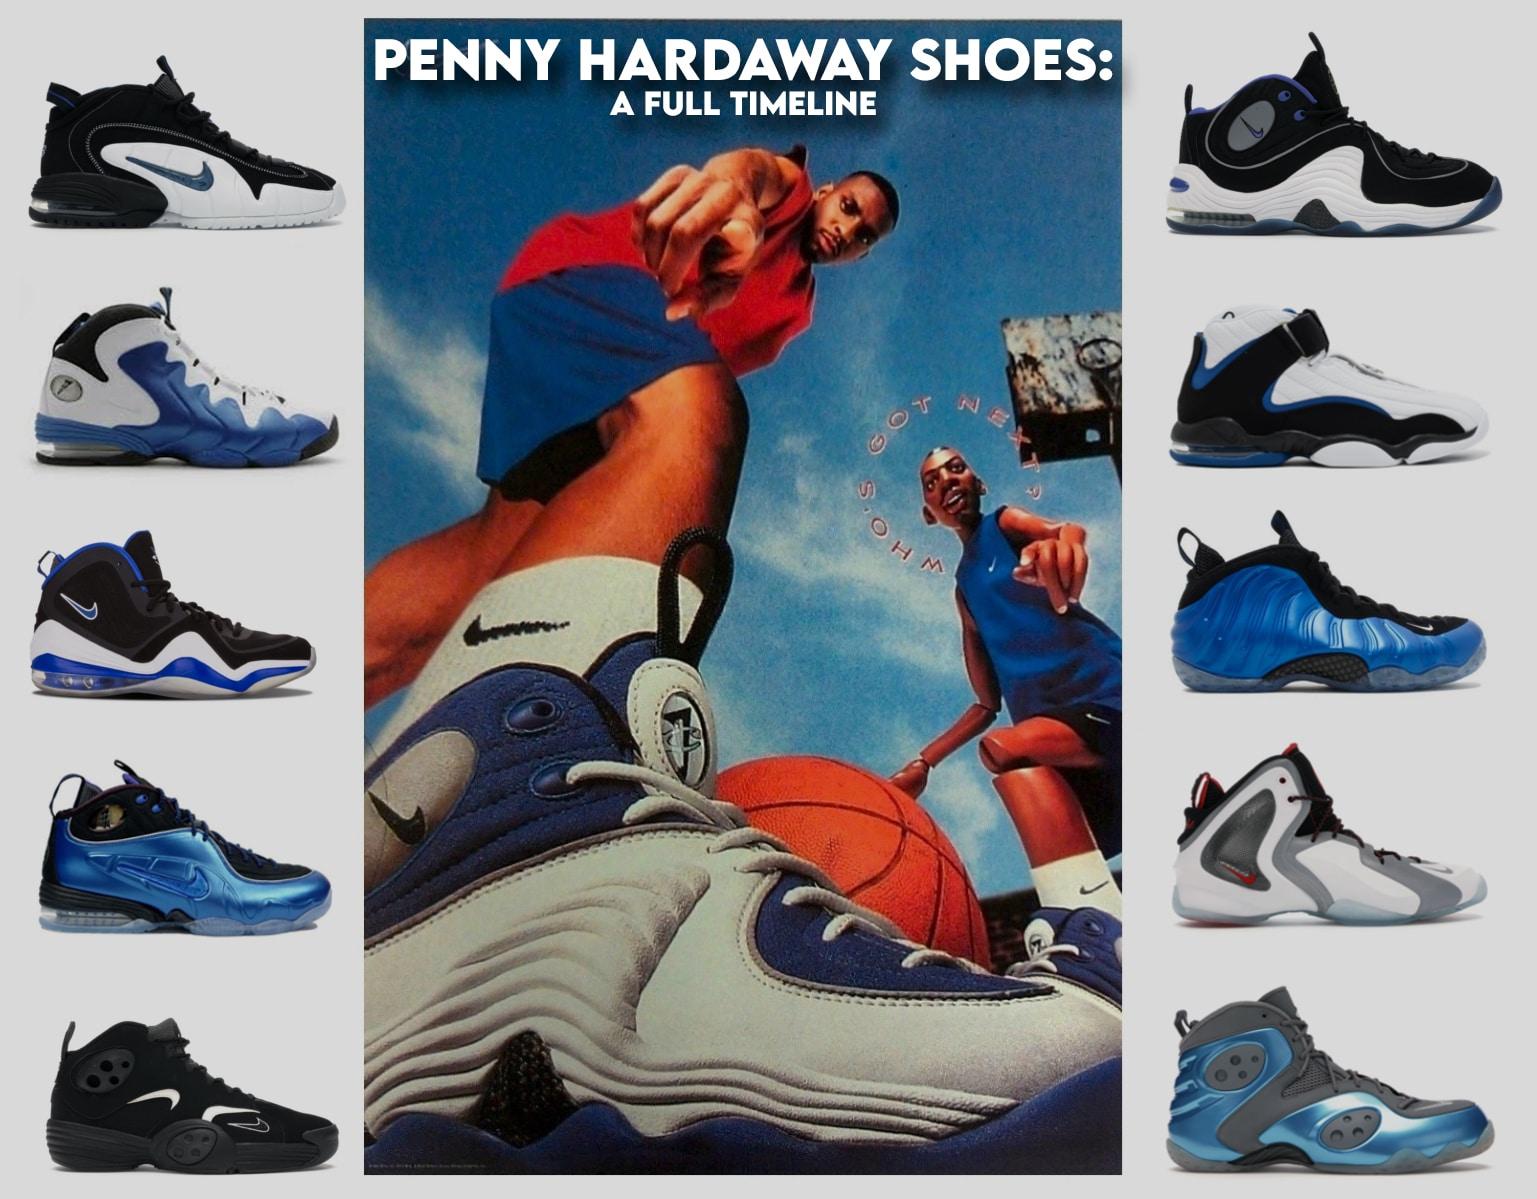 Penny Hardaway Shoes